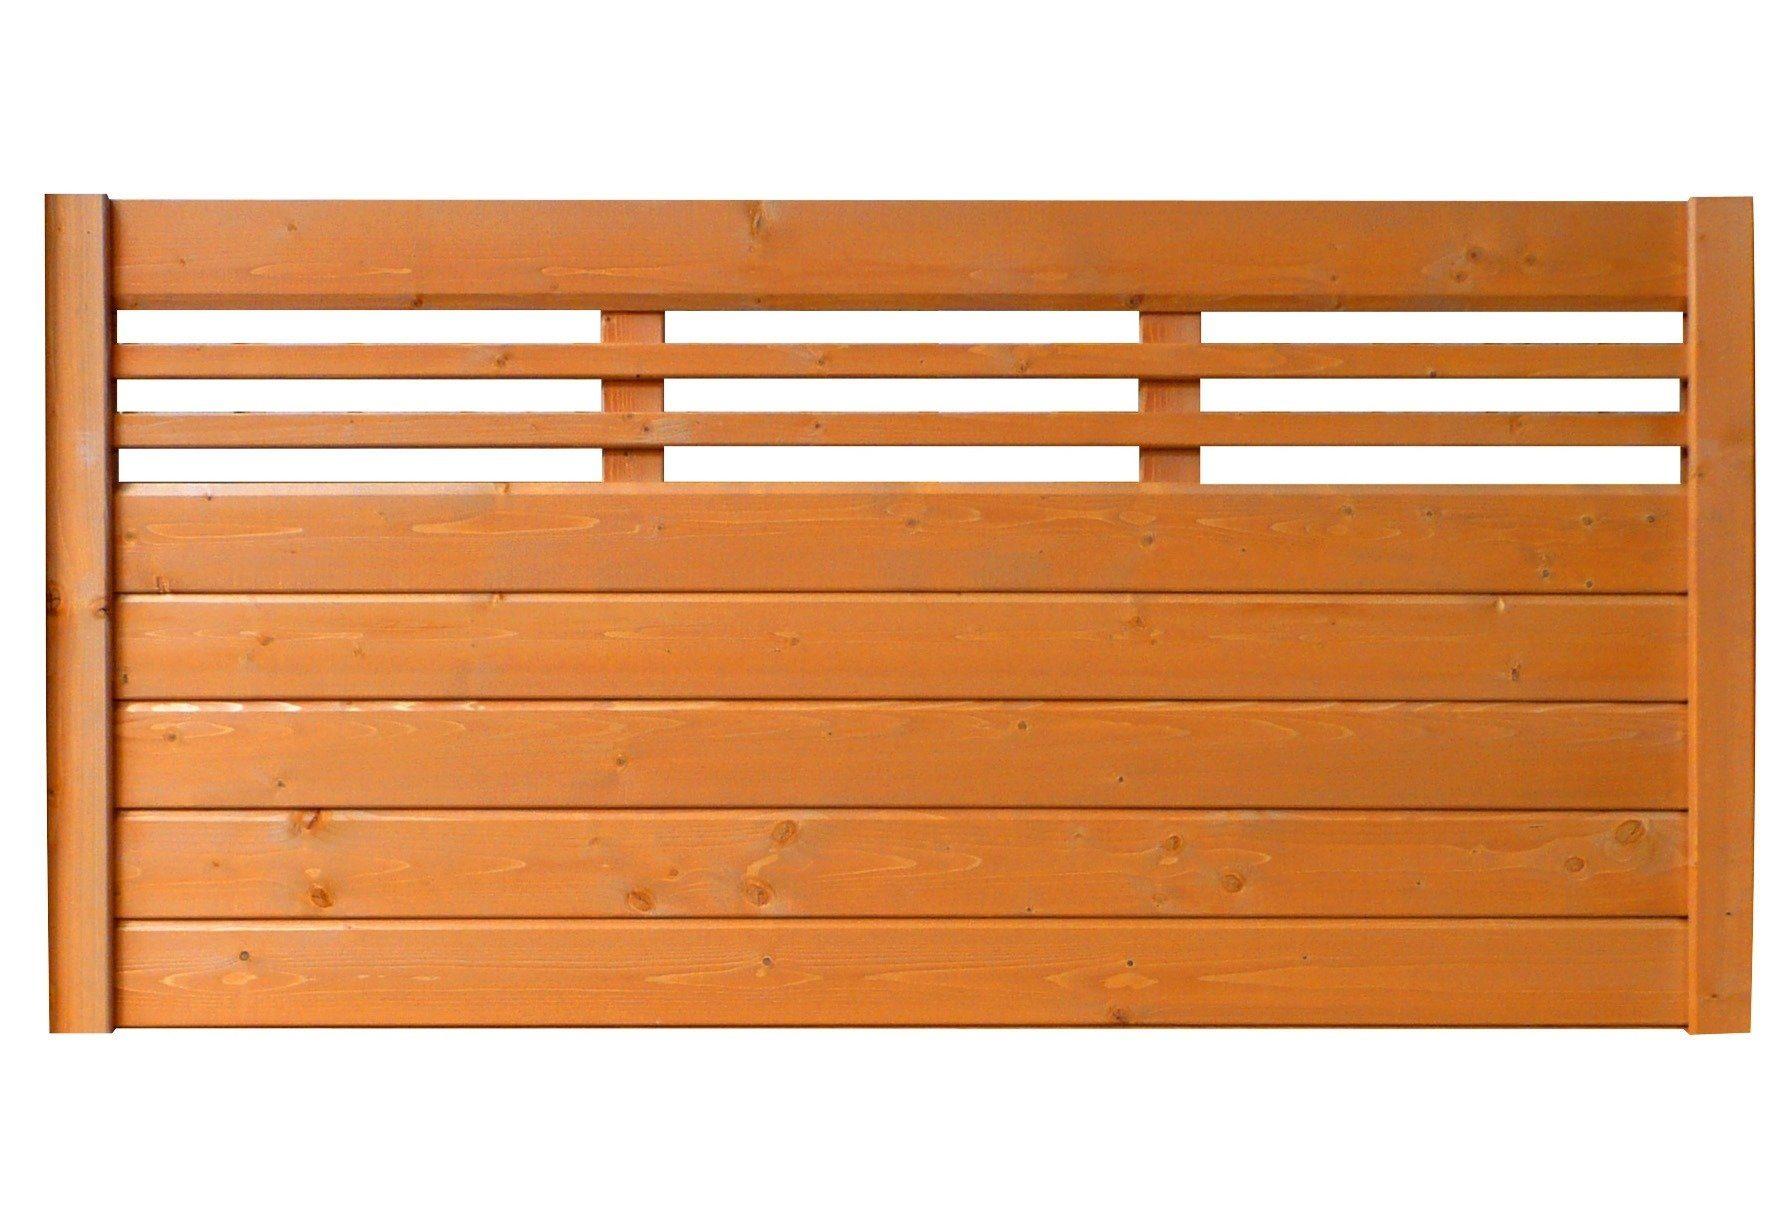 Bm Massivholz Sichtschutz Zaunelement kirschbaumfarben »EA5Y-F1X 2« (Höhe 90 cm)